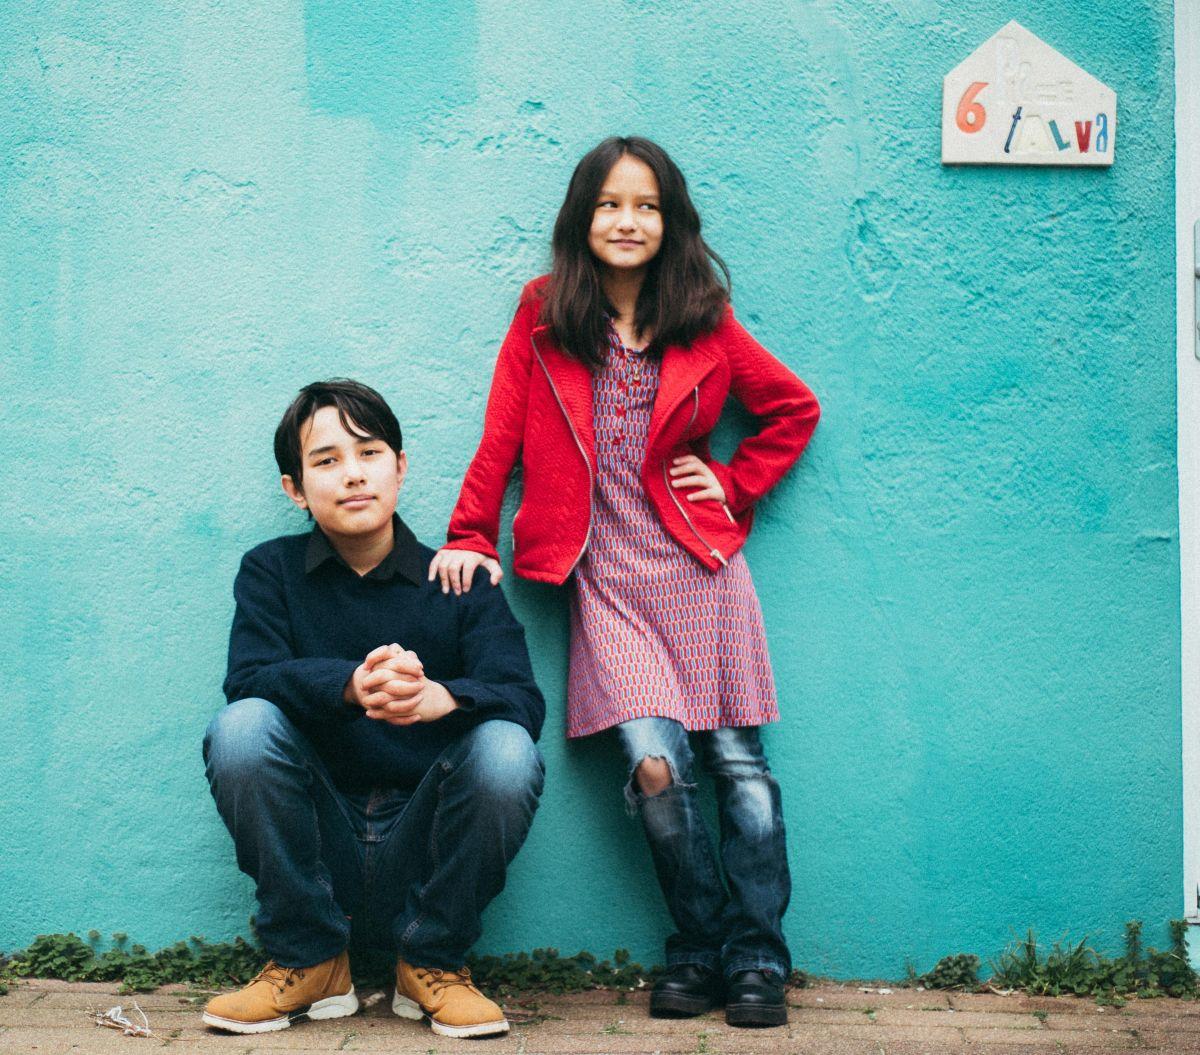 Isaac y Nora estrenaron su disco debut 'Love & Latin Studies', que incluye diez canciones clásicas y una de Natalia Lafourcade. Foto: Cortesía Madame Vodevil